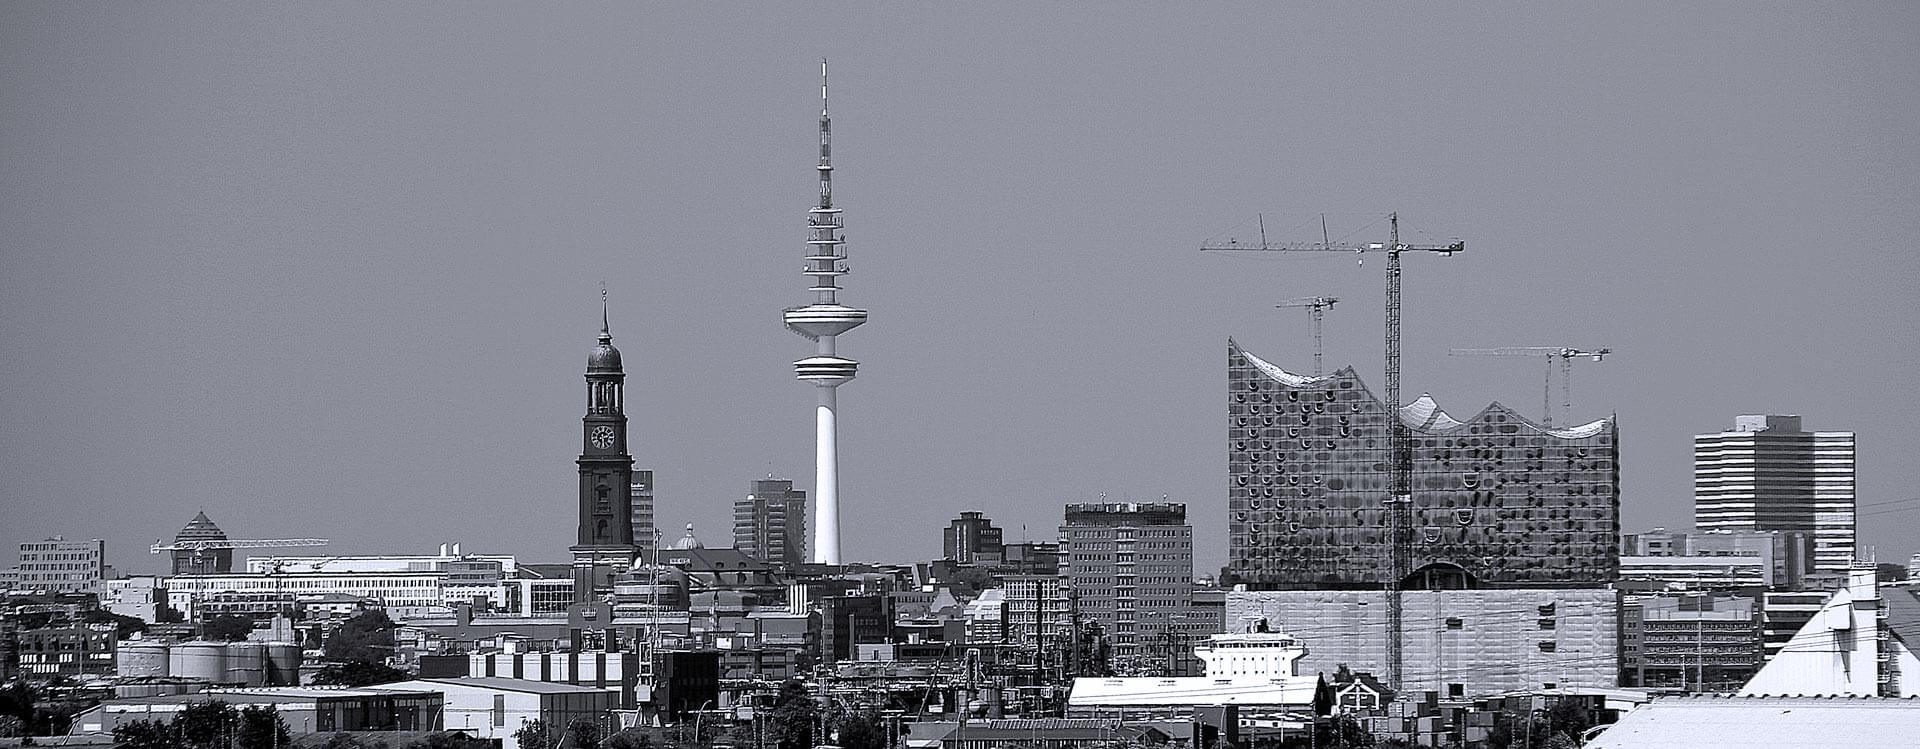 Medizinstrafrecht Hamburg | Mirko Laudon ist Anwalt für Strafrecht in Hamburg